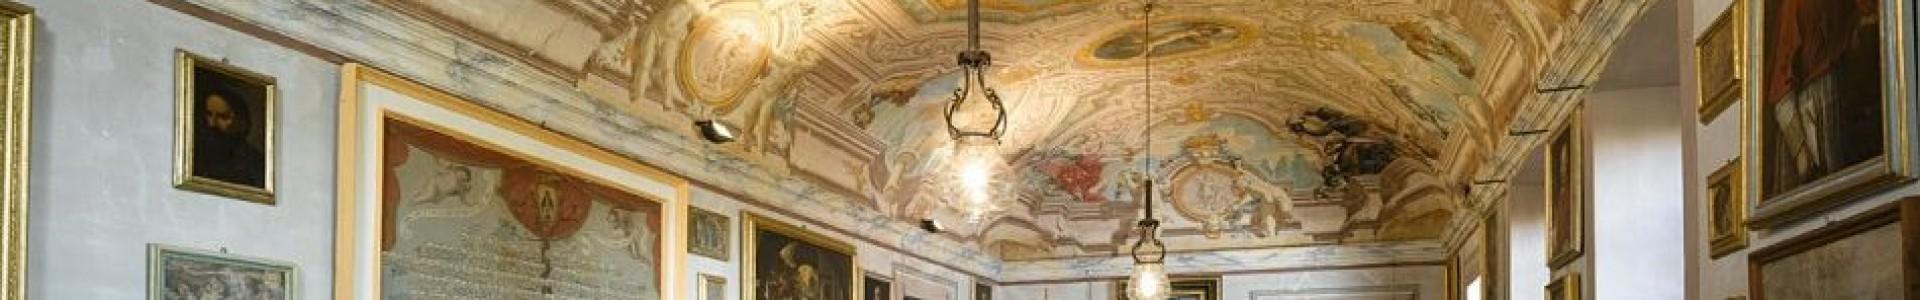 Palazzo Baglioni